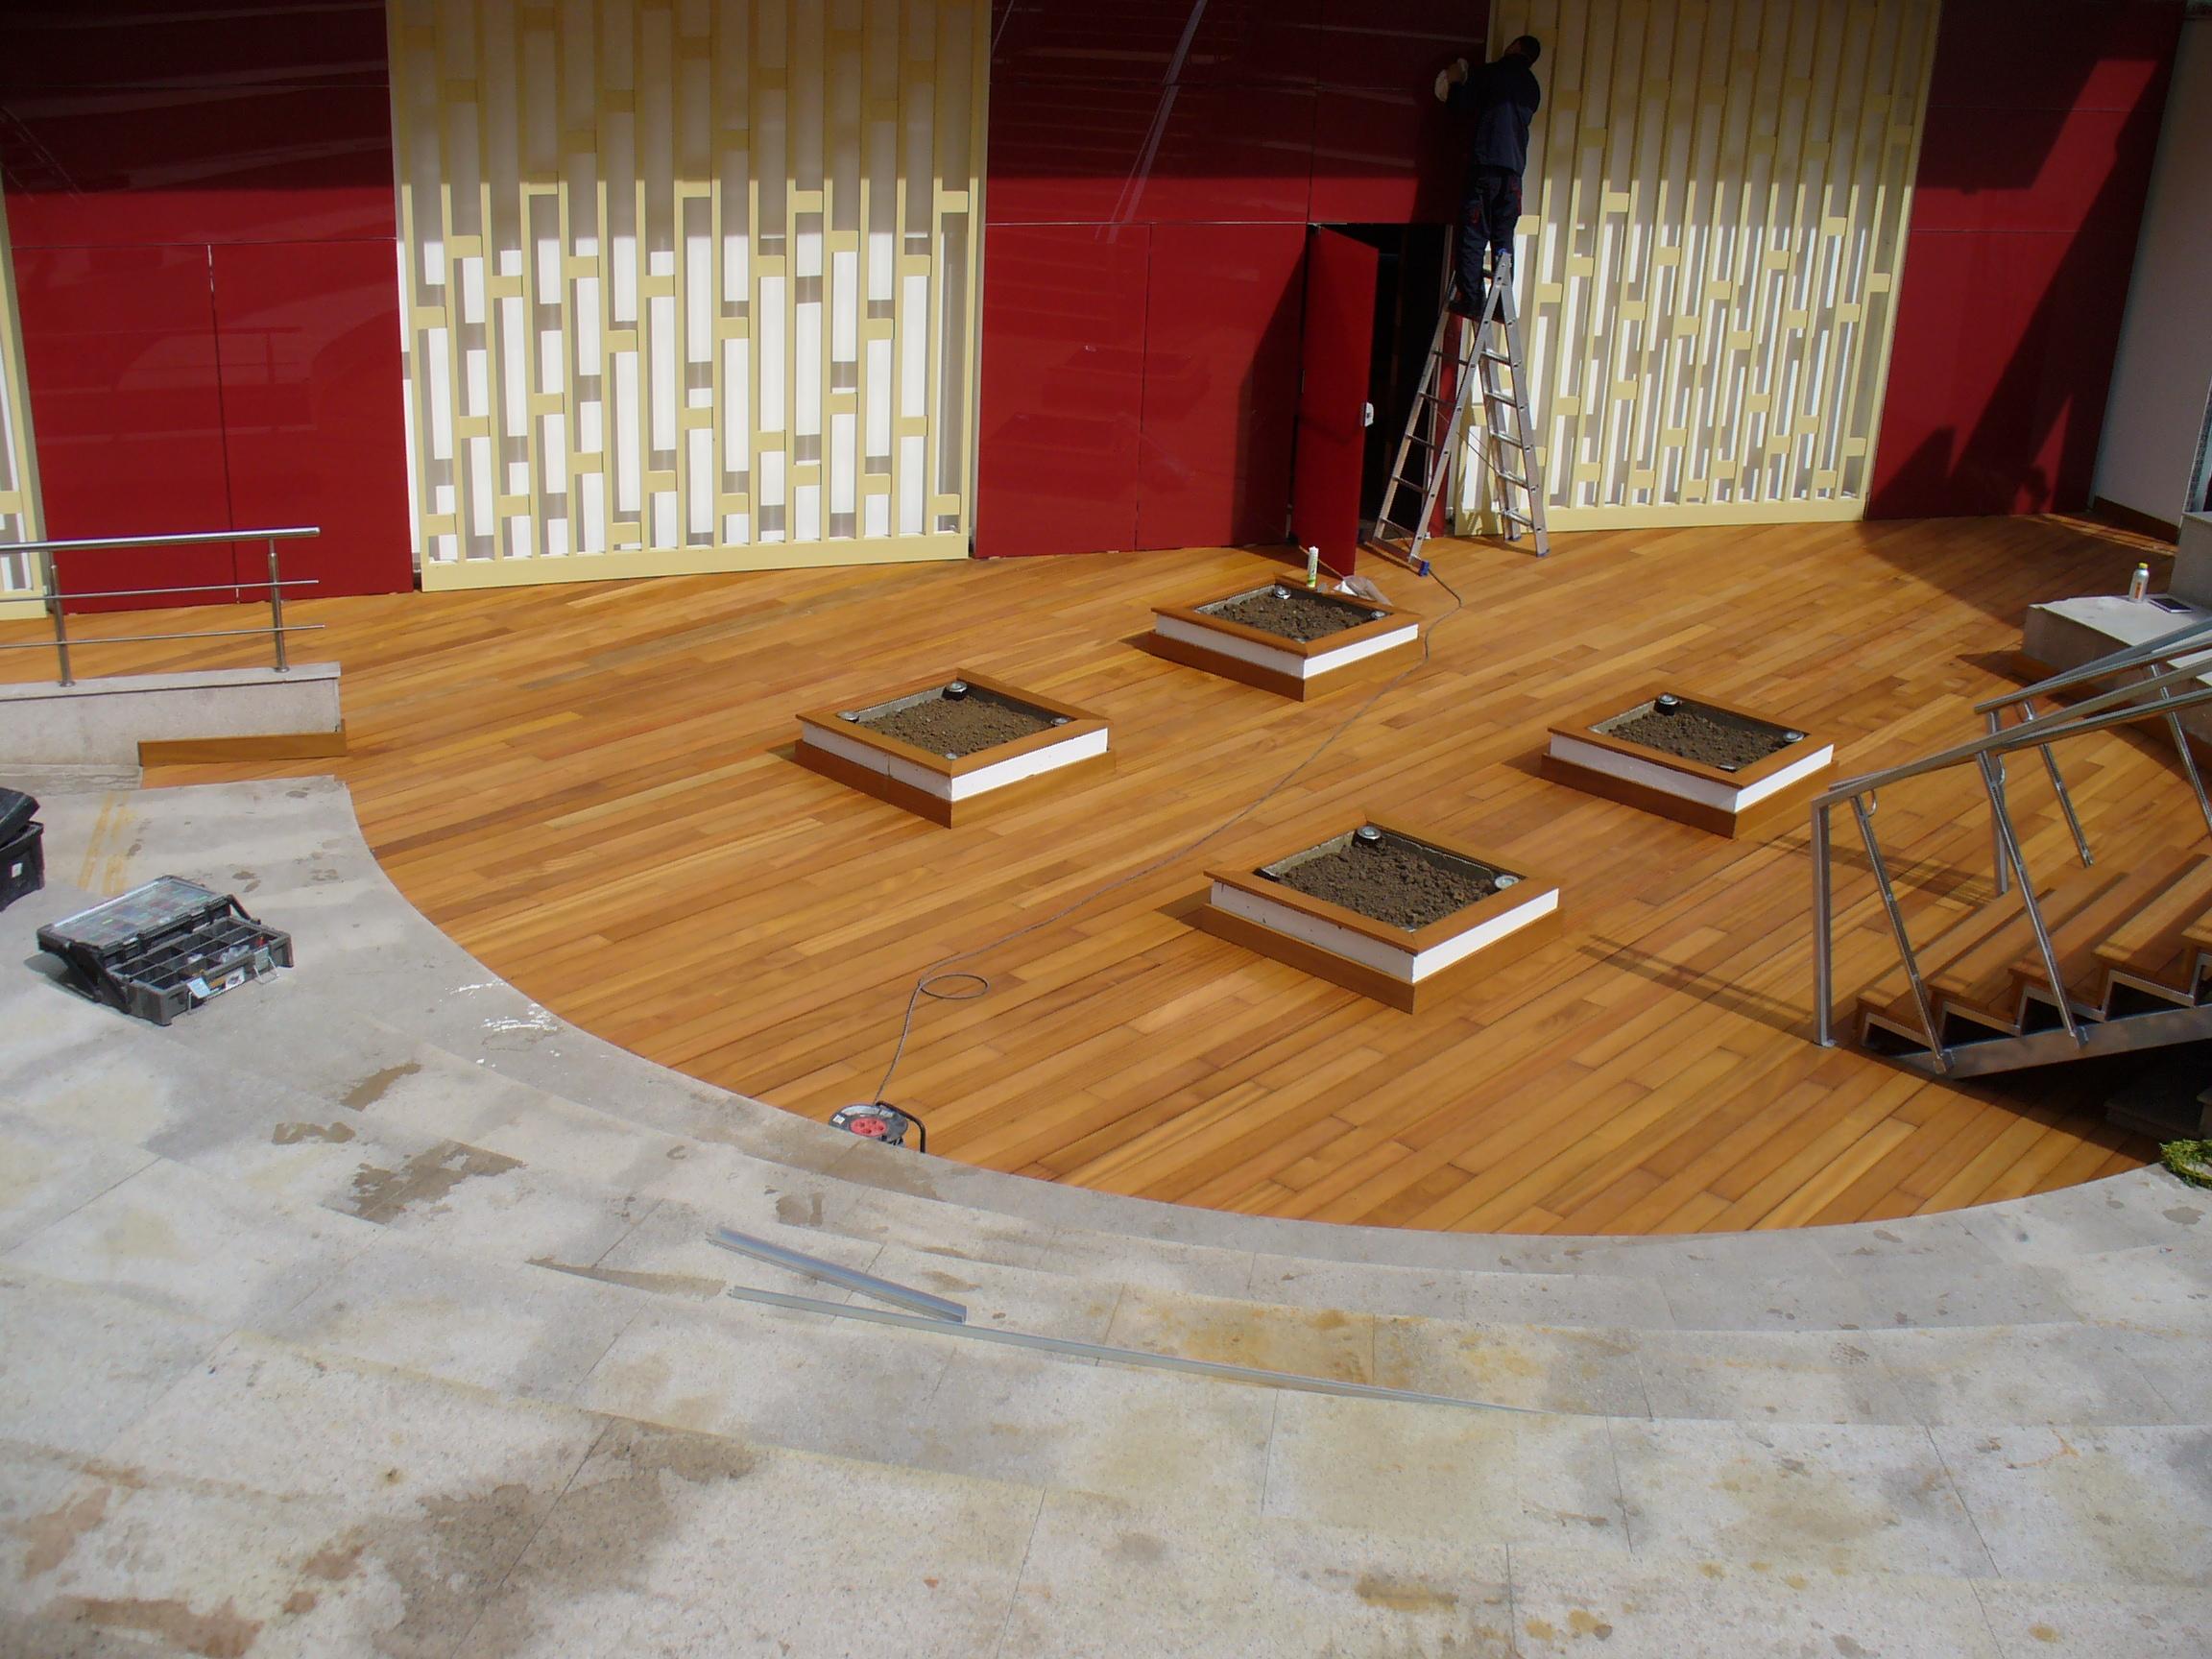 Deck-uri lemn - Guariuba SELVA FLOORS - Poza 1